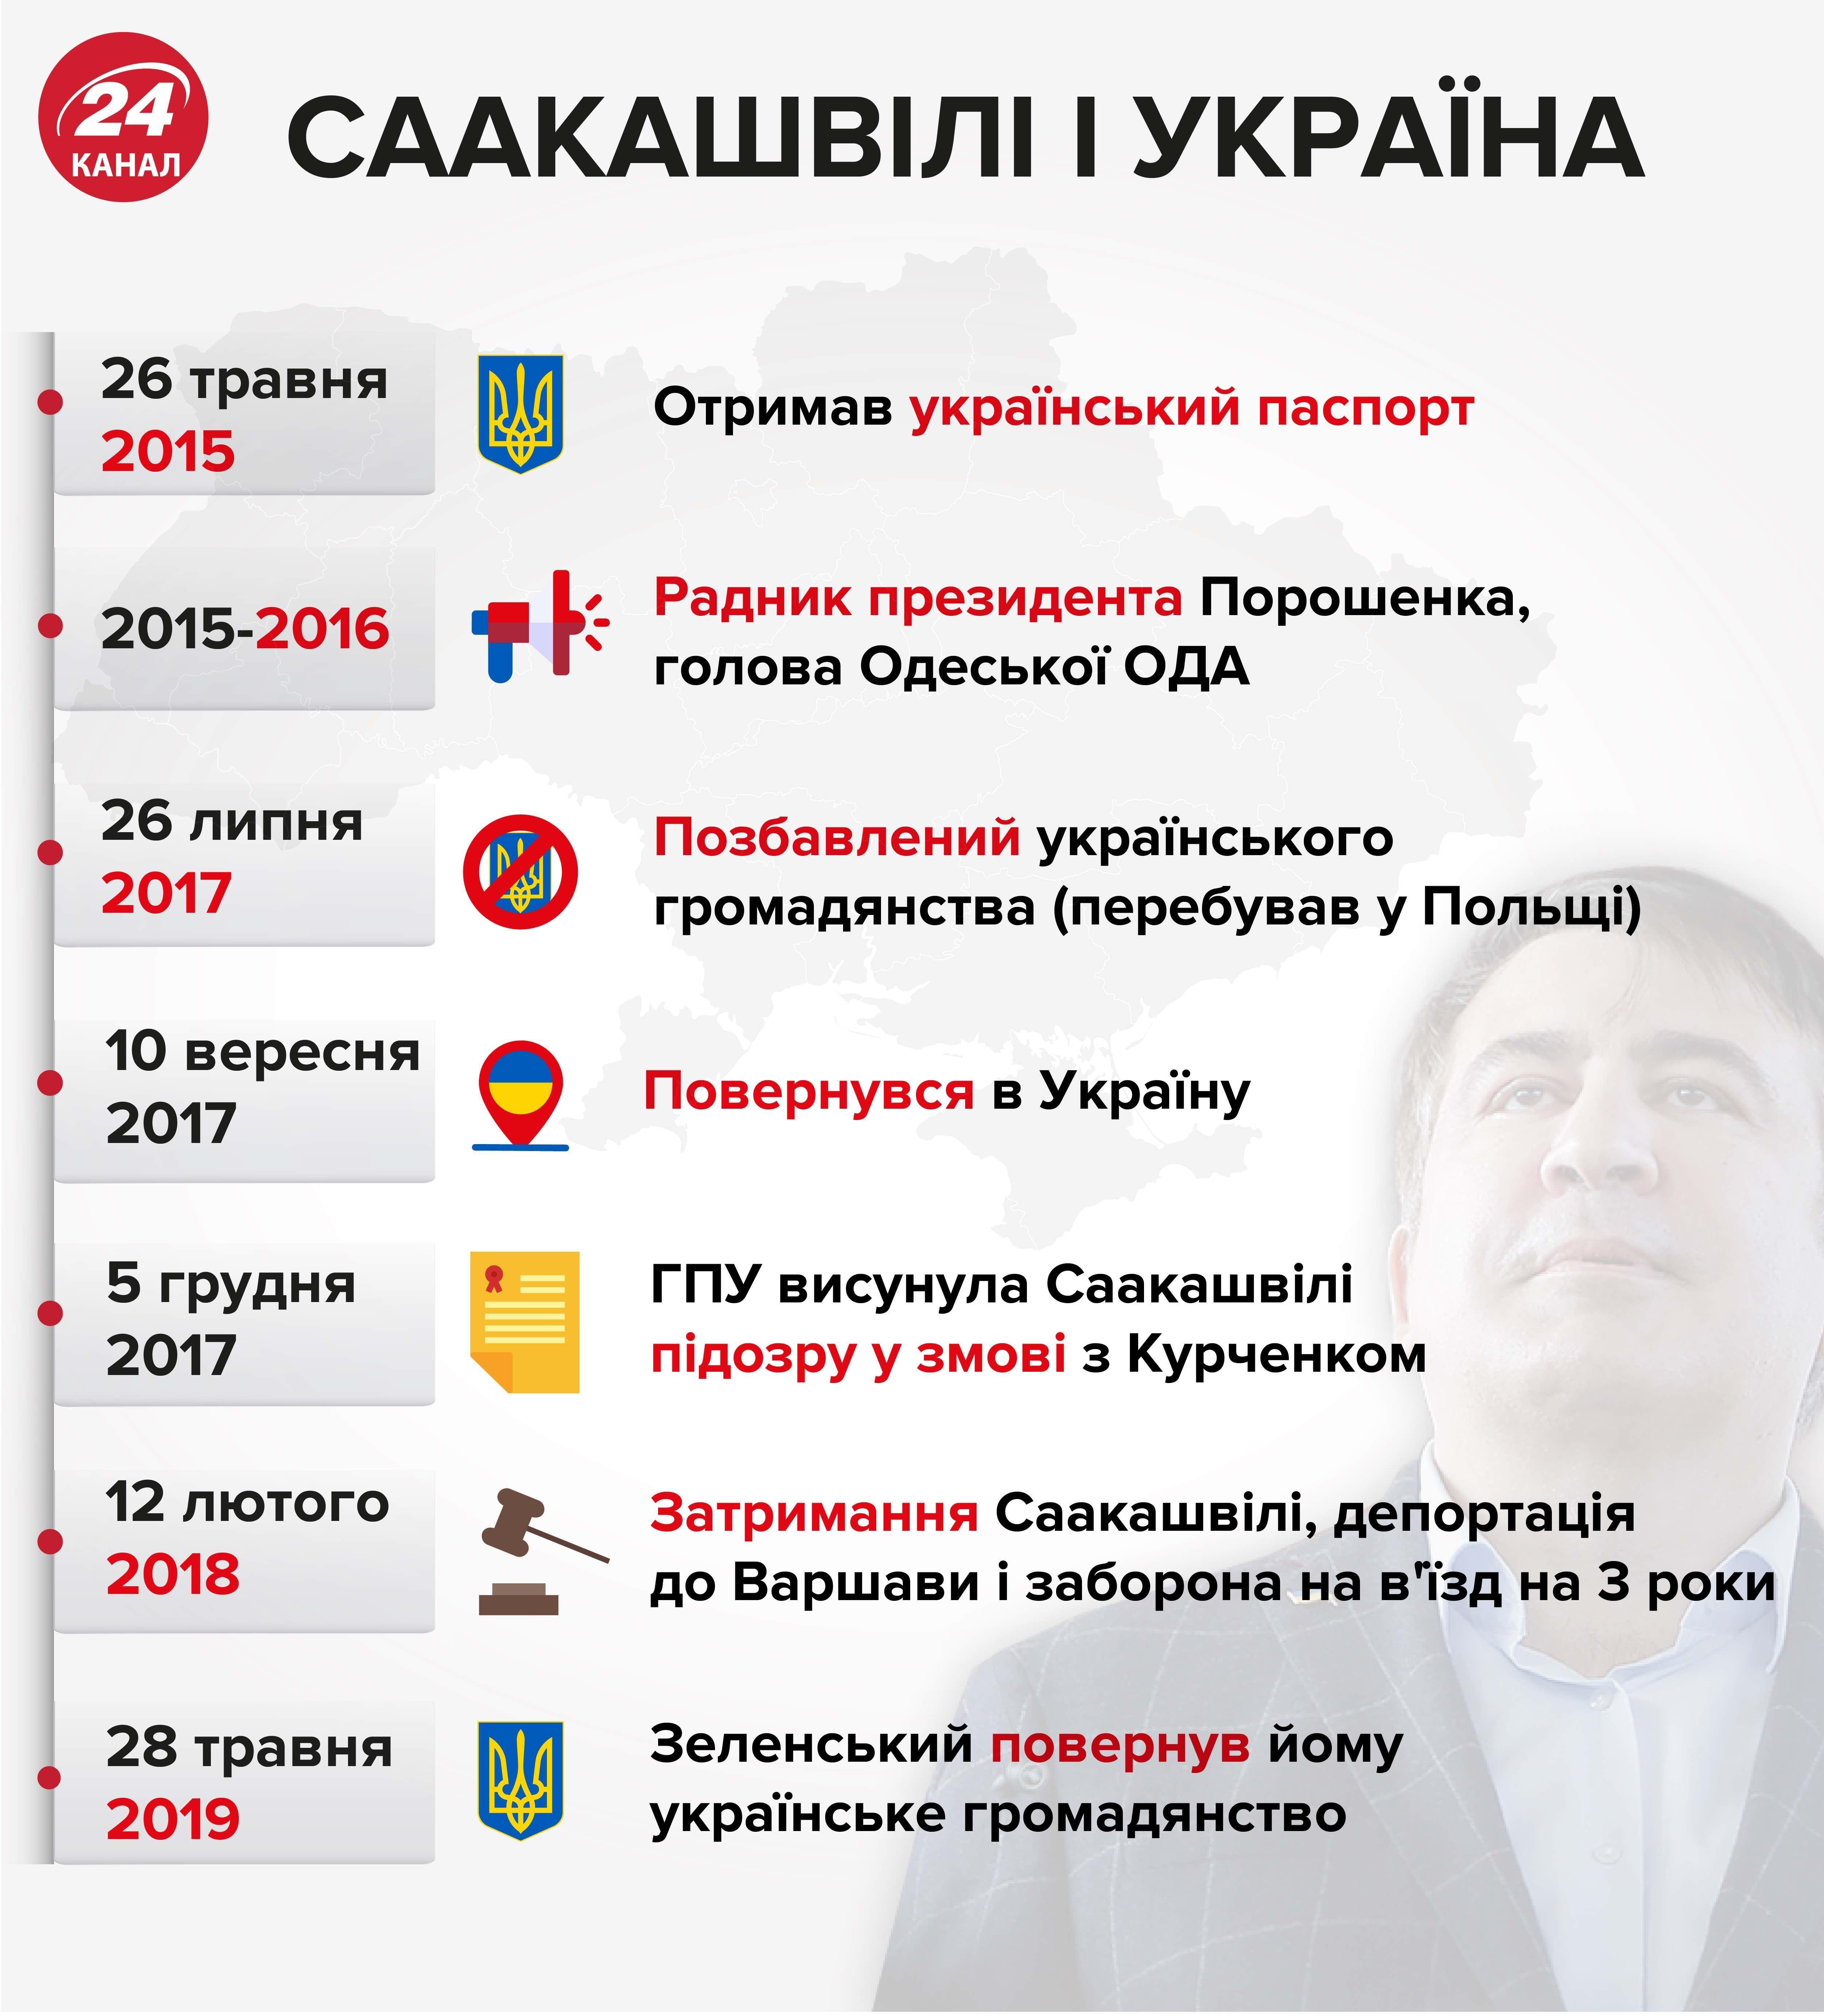 Саакашвілі та Україна